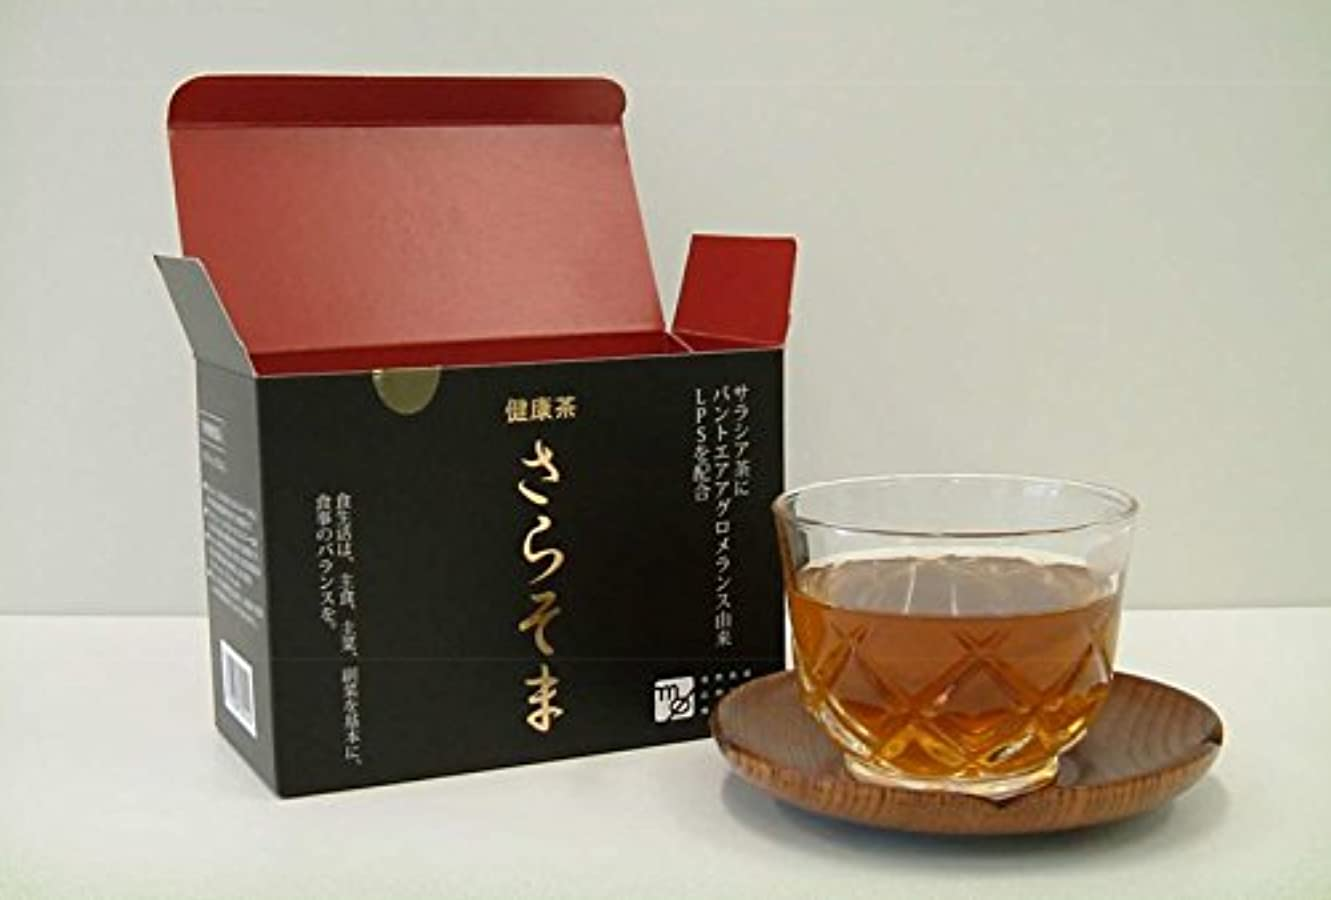 健康茶さらそま 旧サラソマ茶